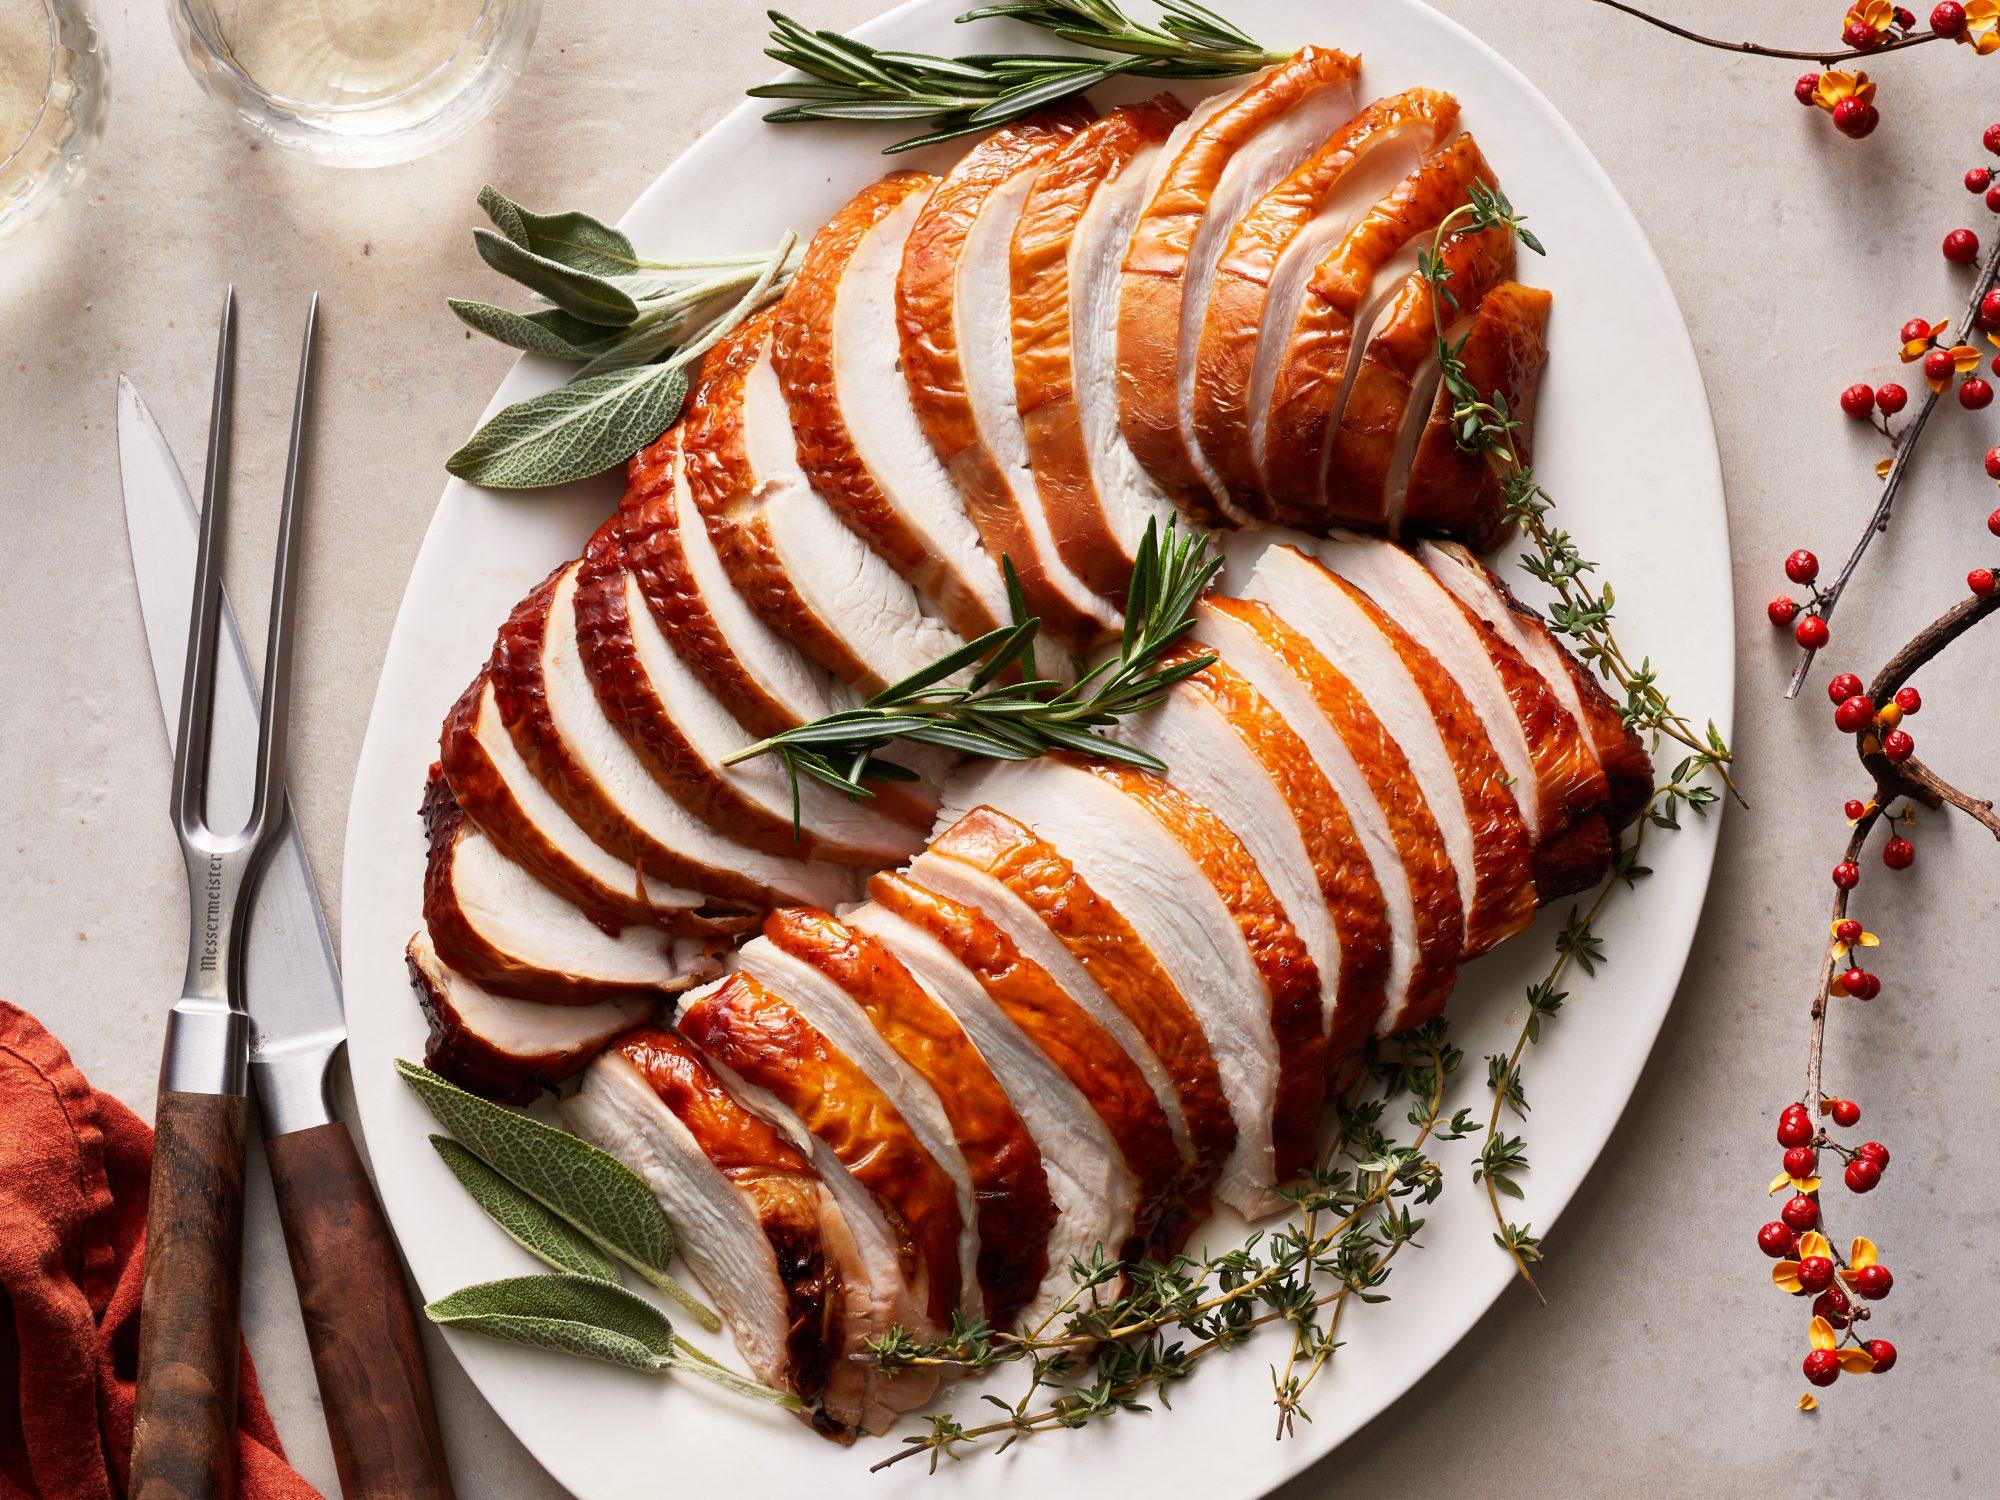 mr - Smoked Turkey Breast Reshoot